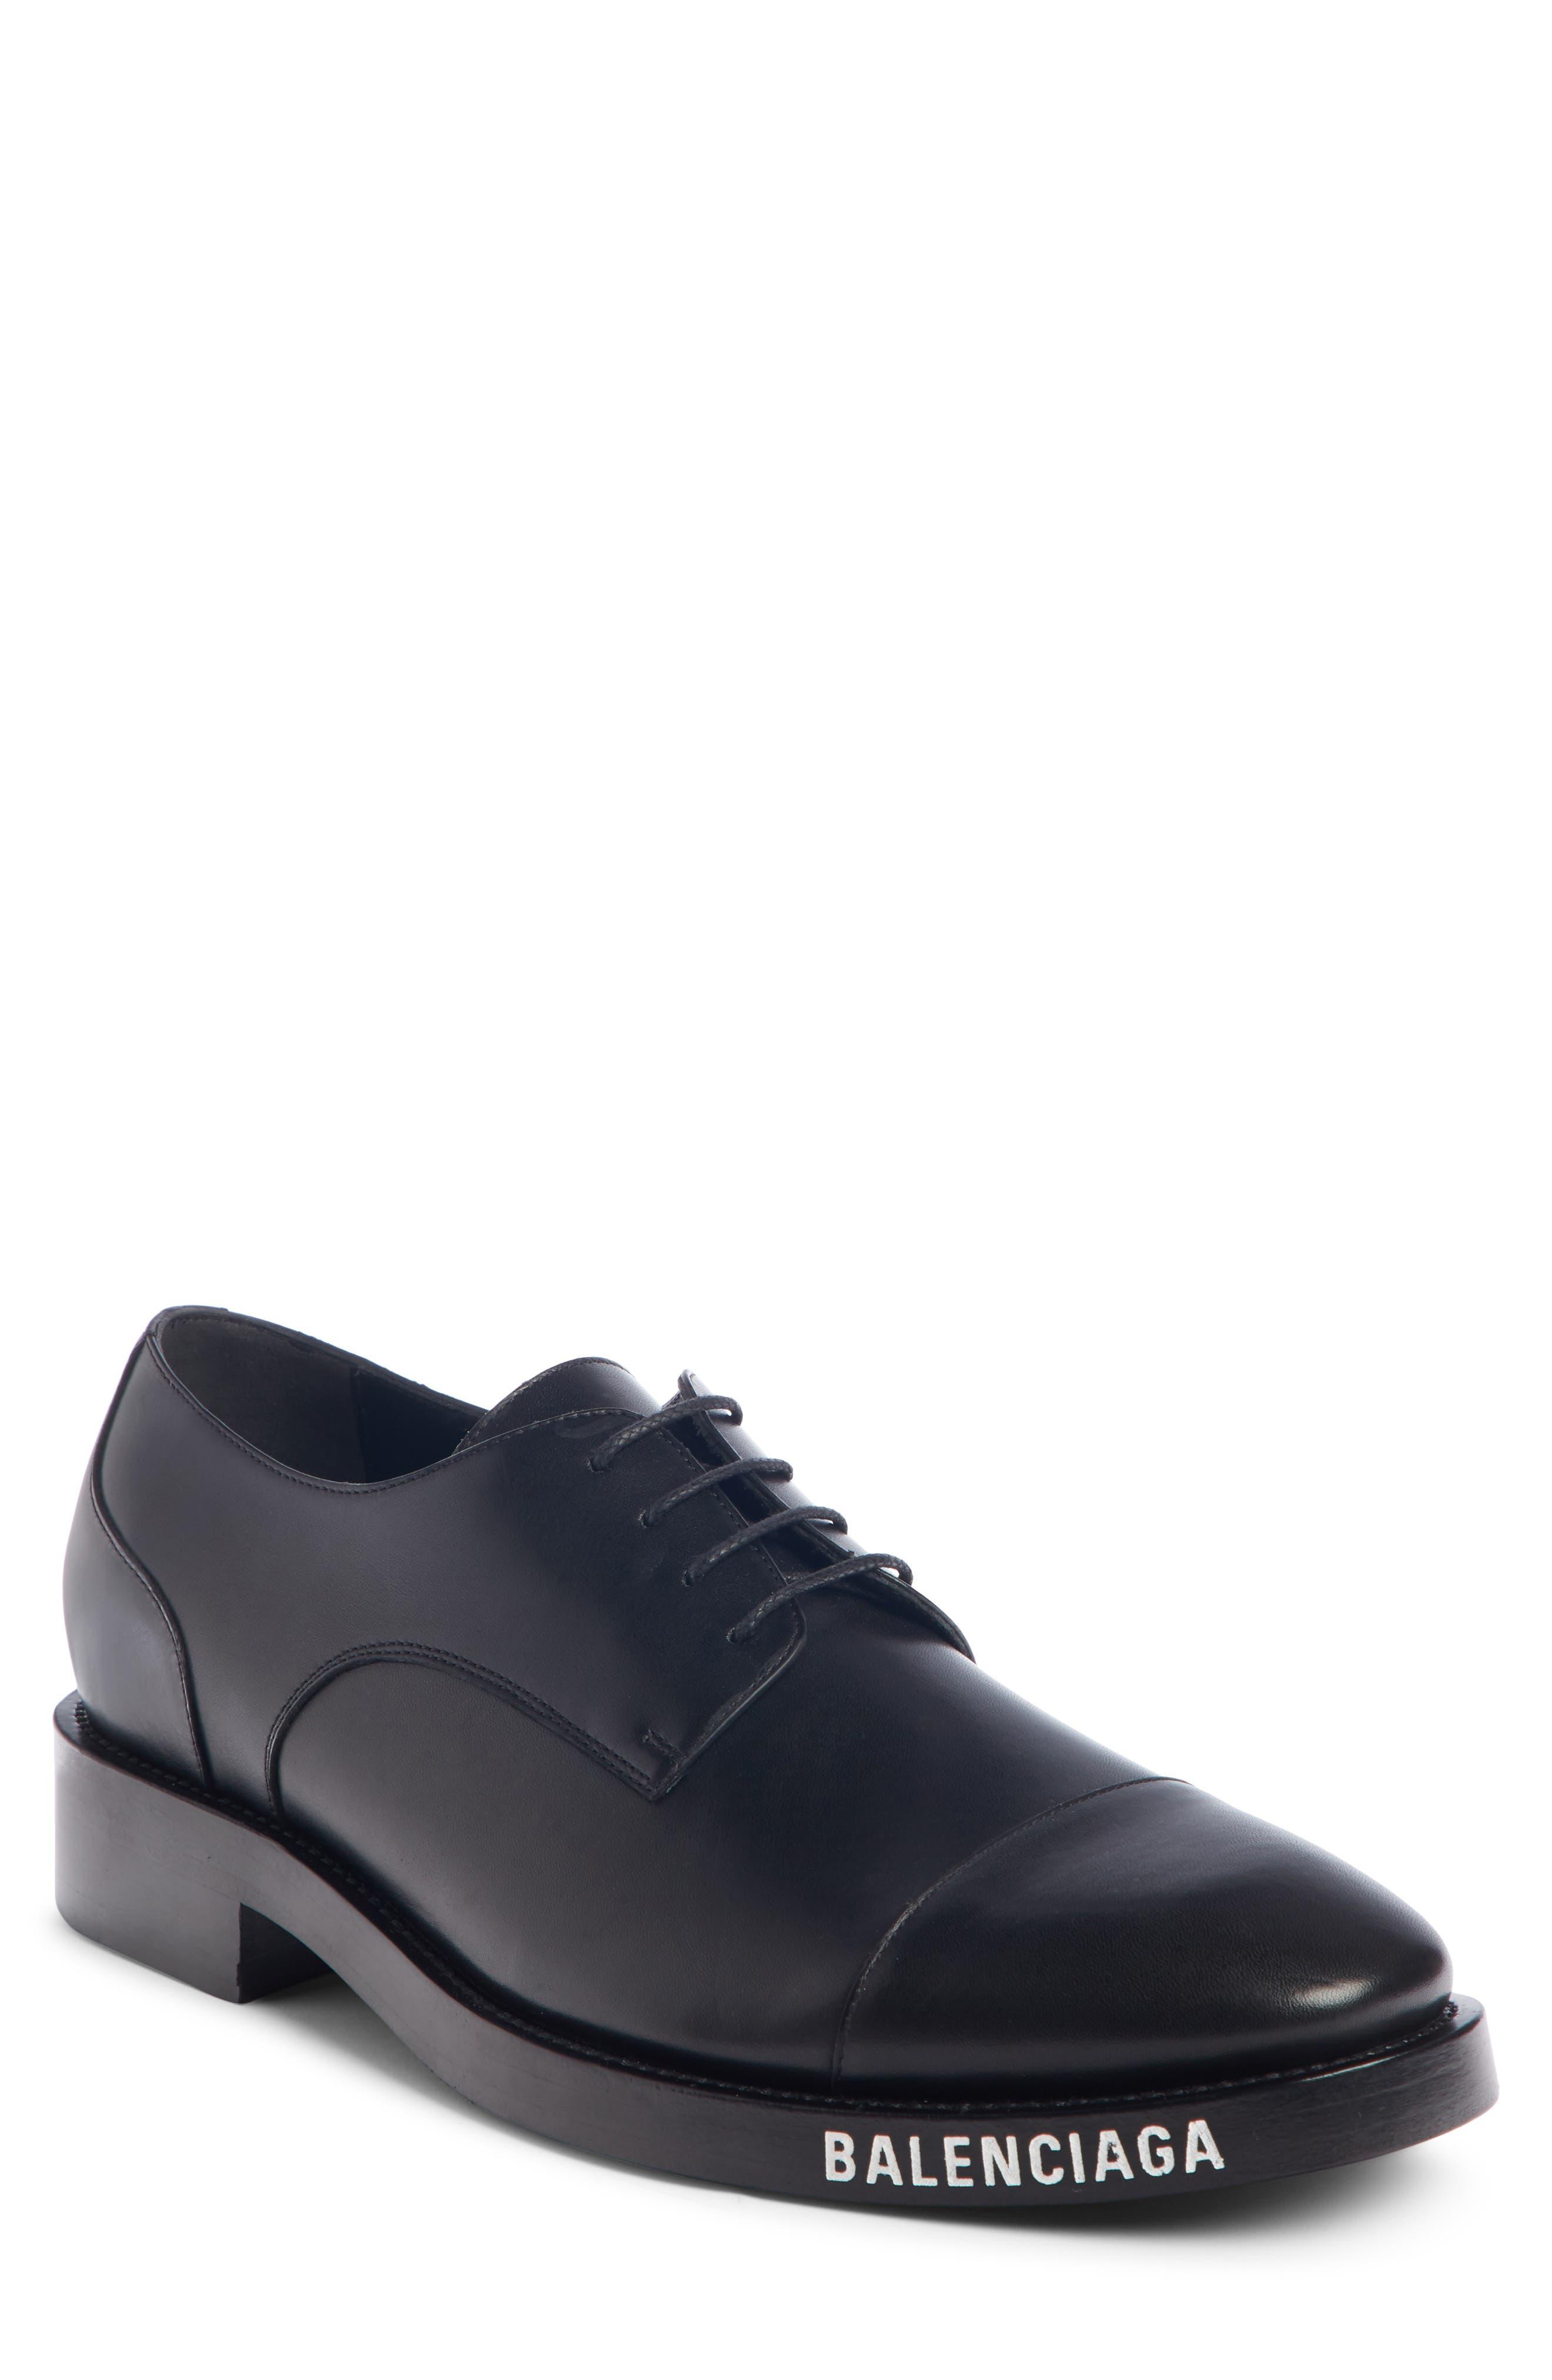 Men's Balenciaga Shoes | Nordstrom